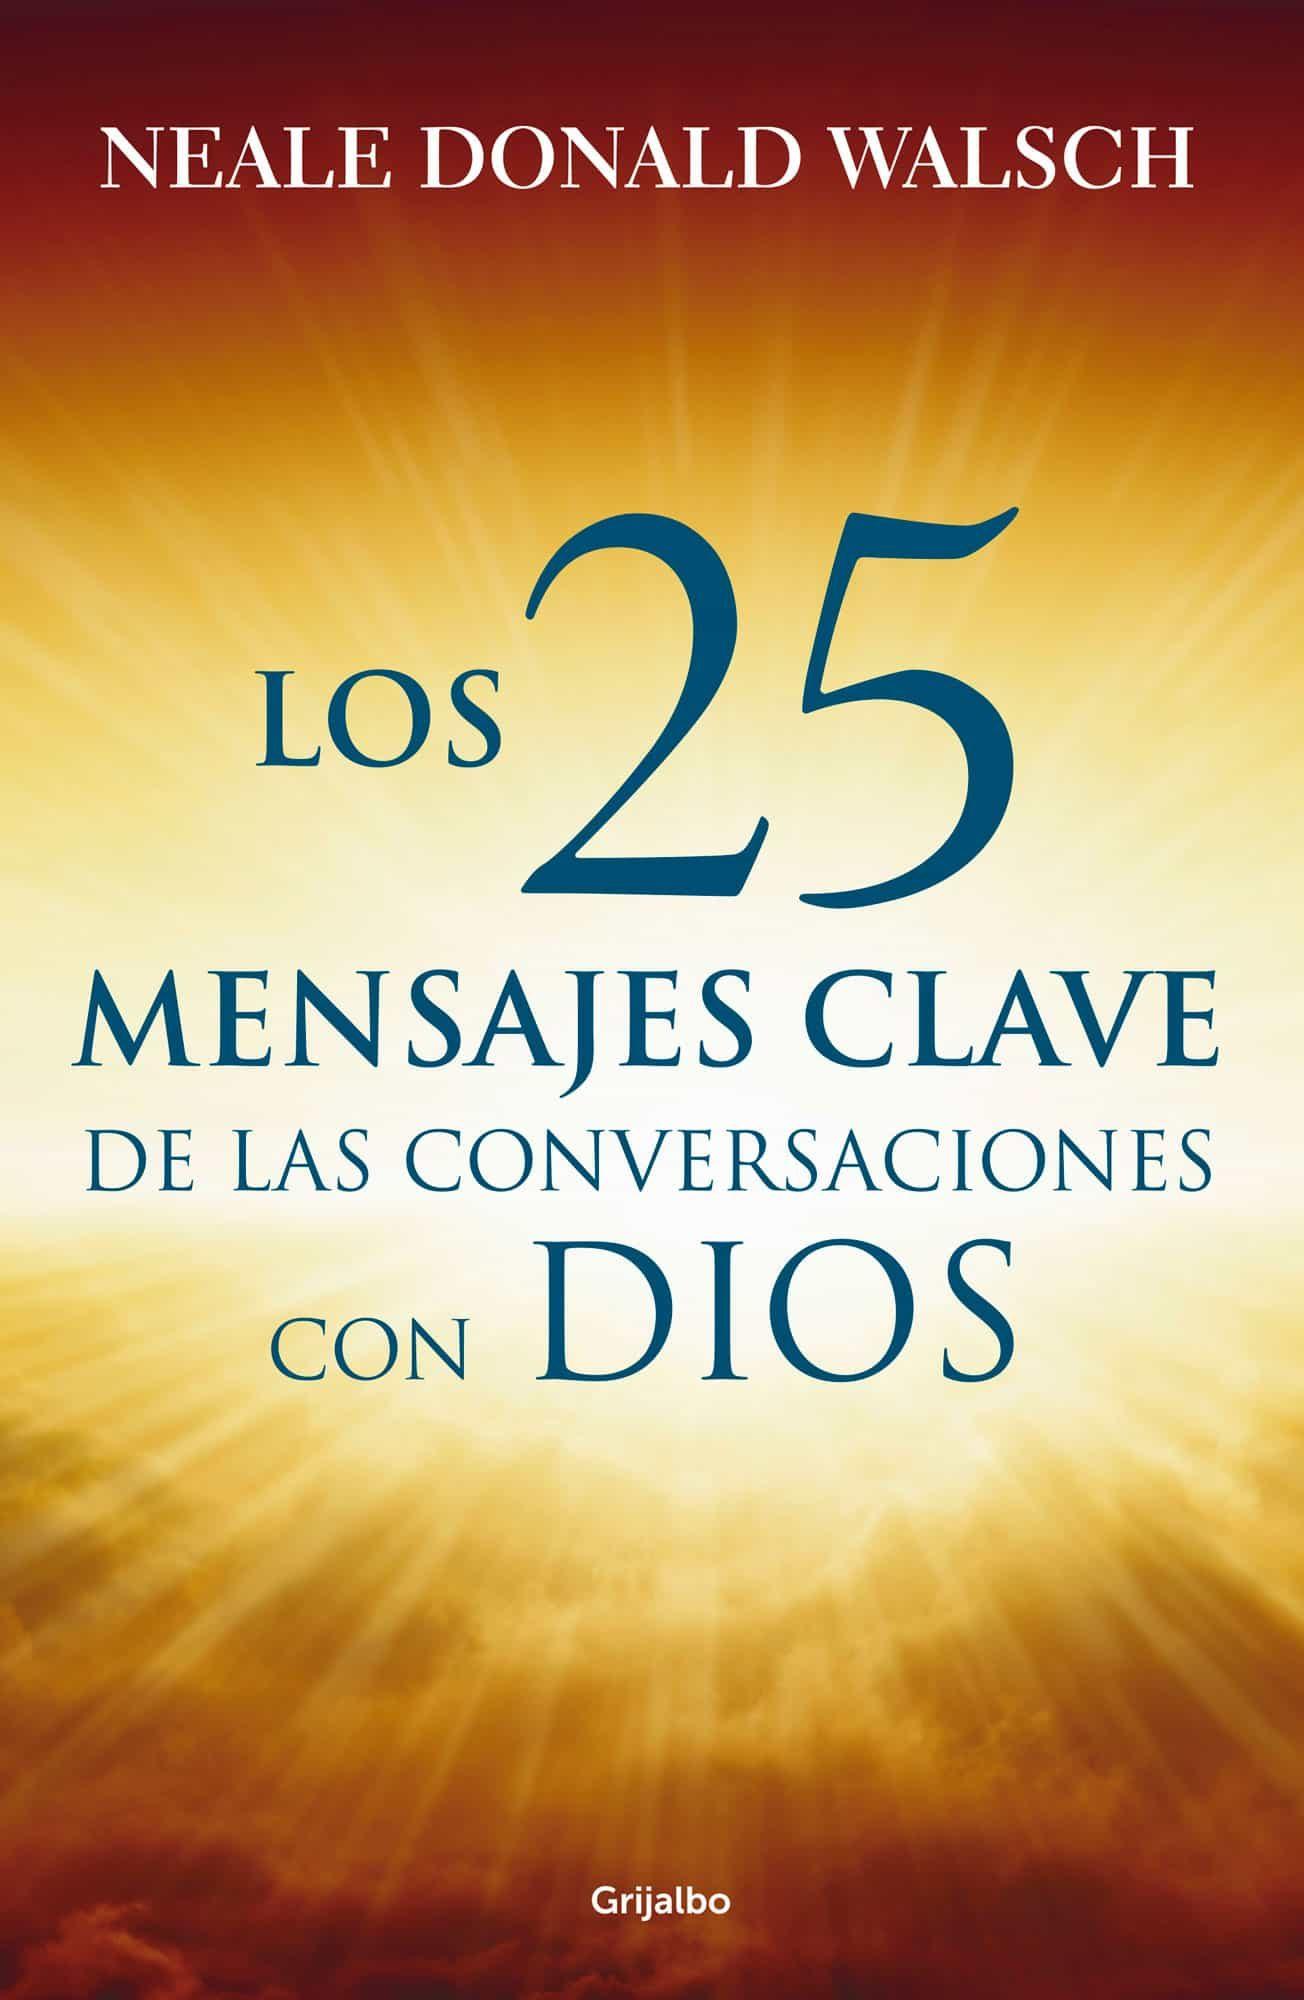 Los 25 Mensajes Clave De Las Conversaciones Con Dios (ebook)neale Donald  Walsch